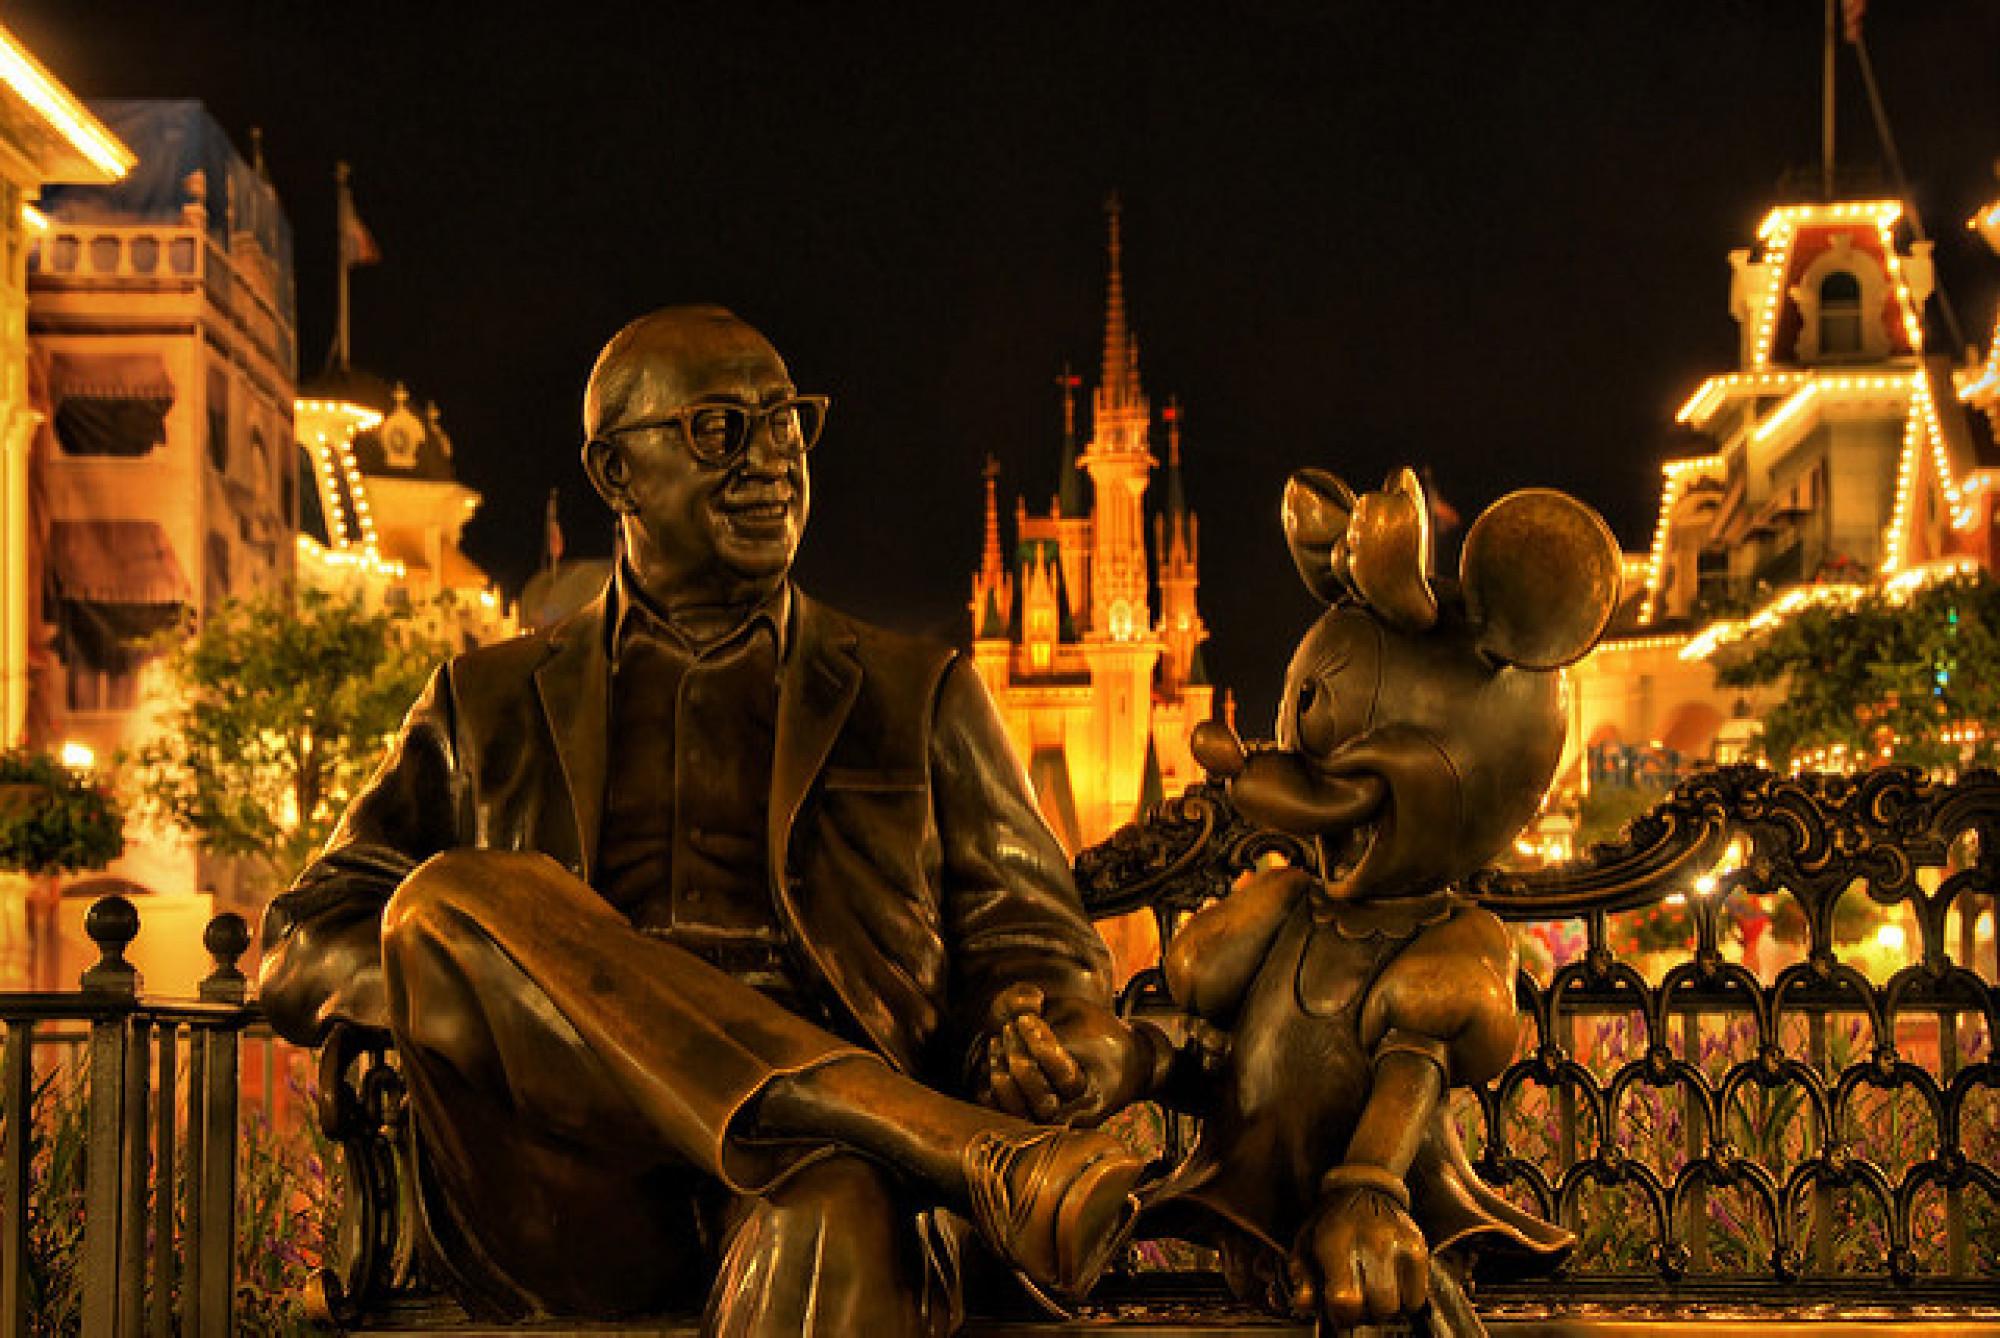 ウォルト・ディズニーという成功者の姿を体現した言葉は身に染みます!